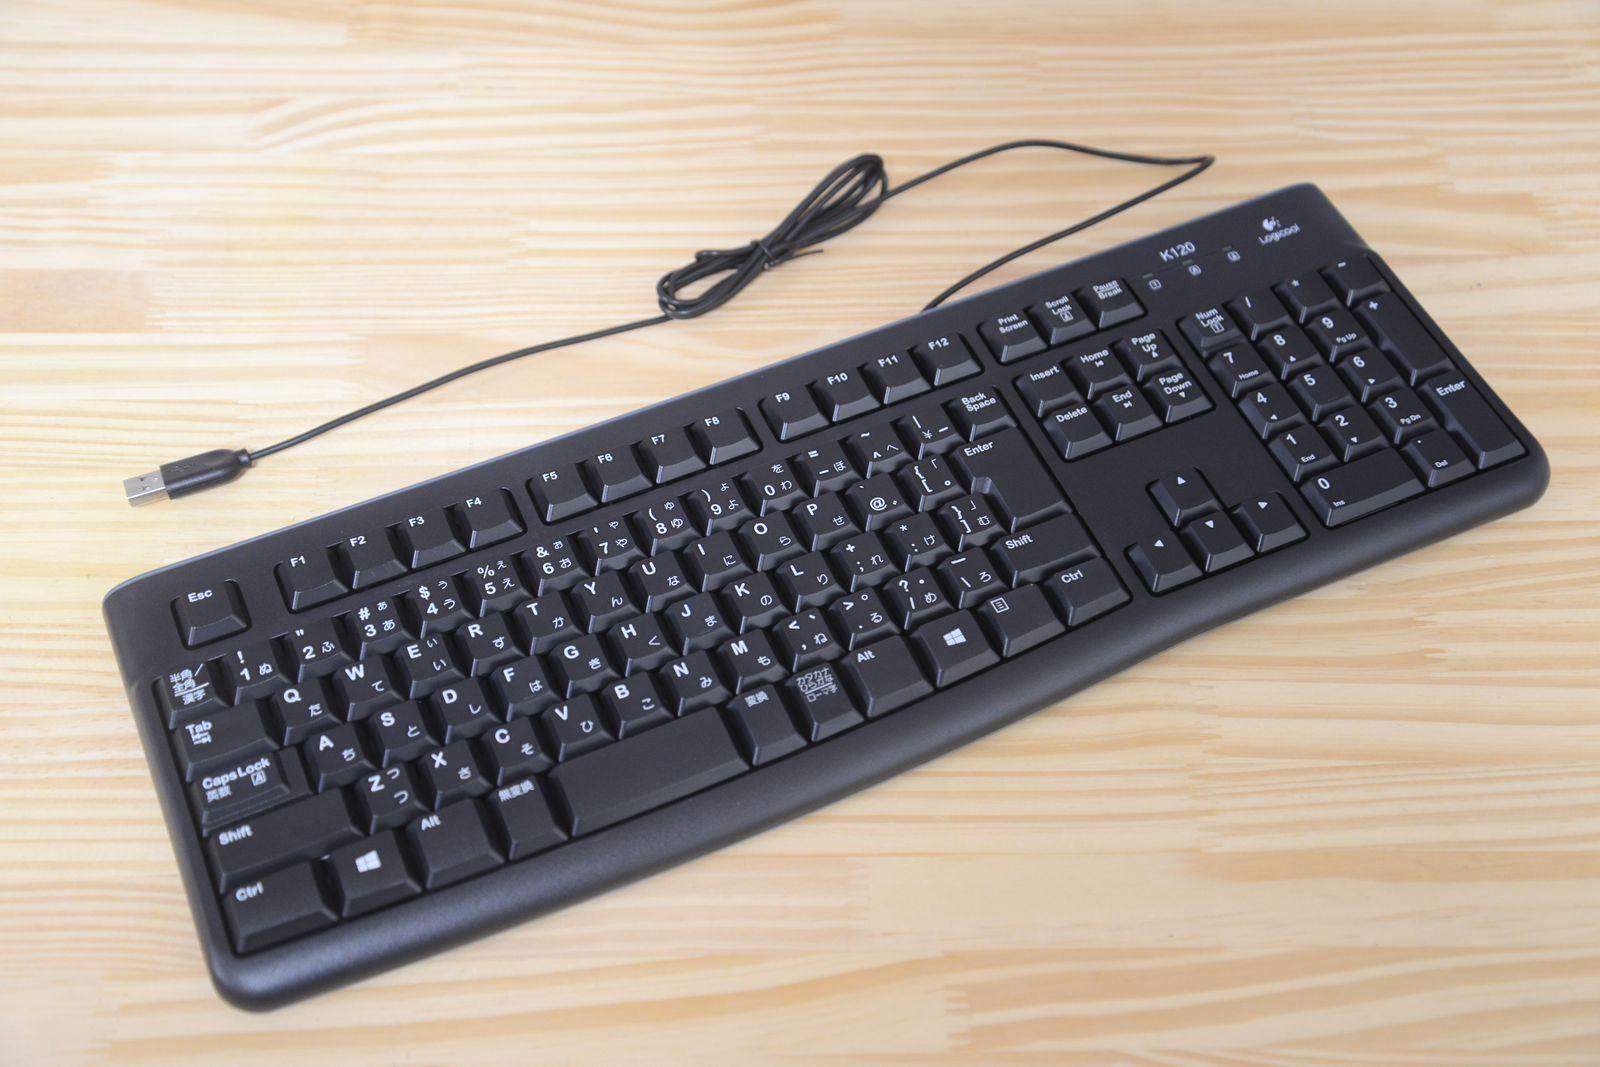 ロジクールのK120。良い意味で「普通」なキーボード。軽くスムース、ストロークは浅め。優れた耐久性、耐水性があるので、ラフに扱うのには最適だ。慣れると手放せない感が強い